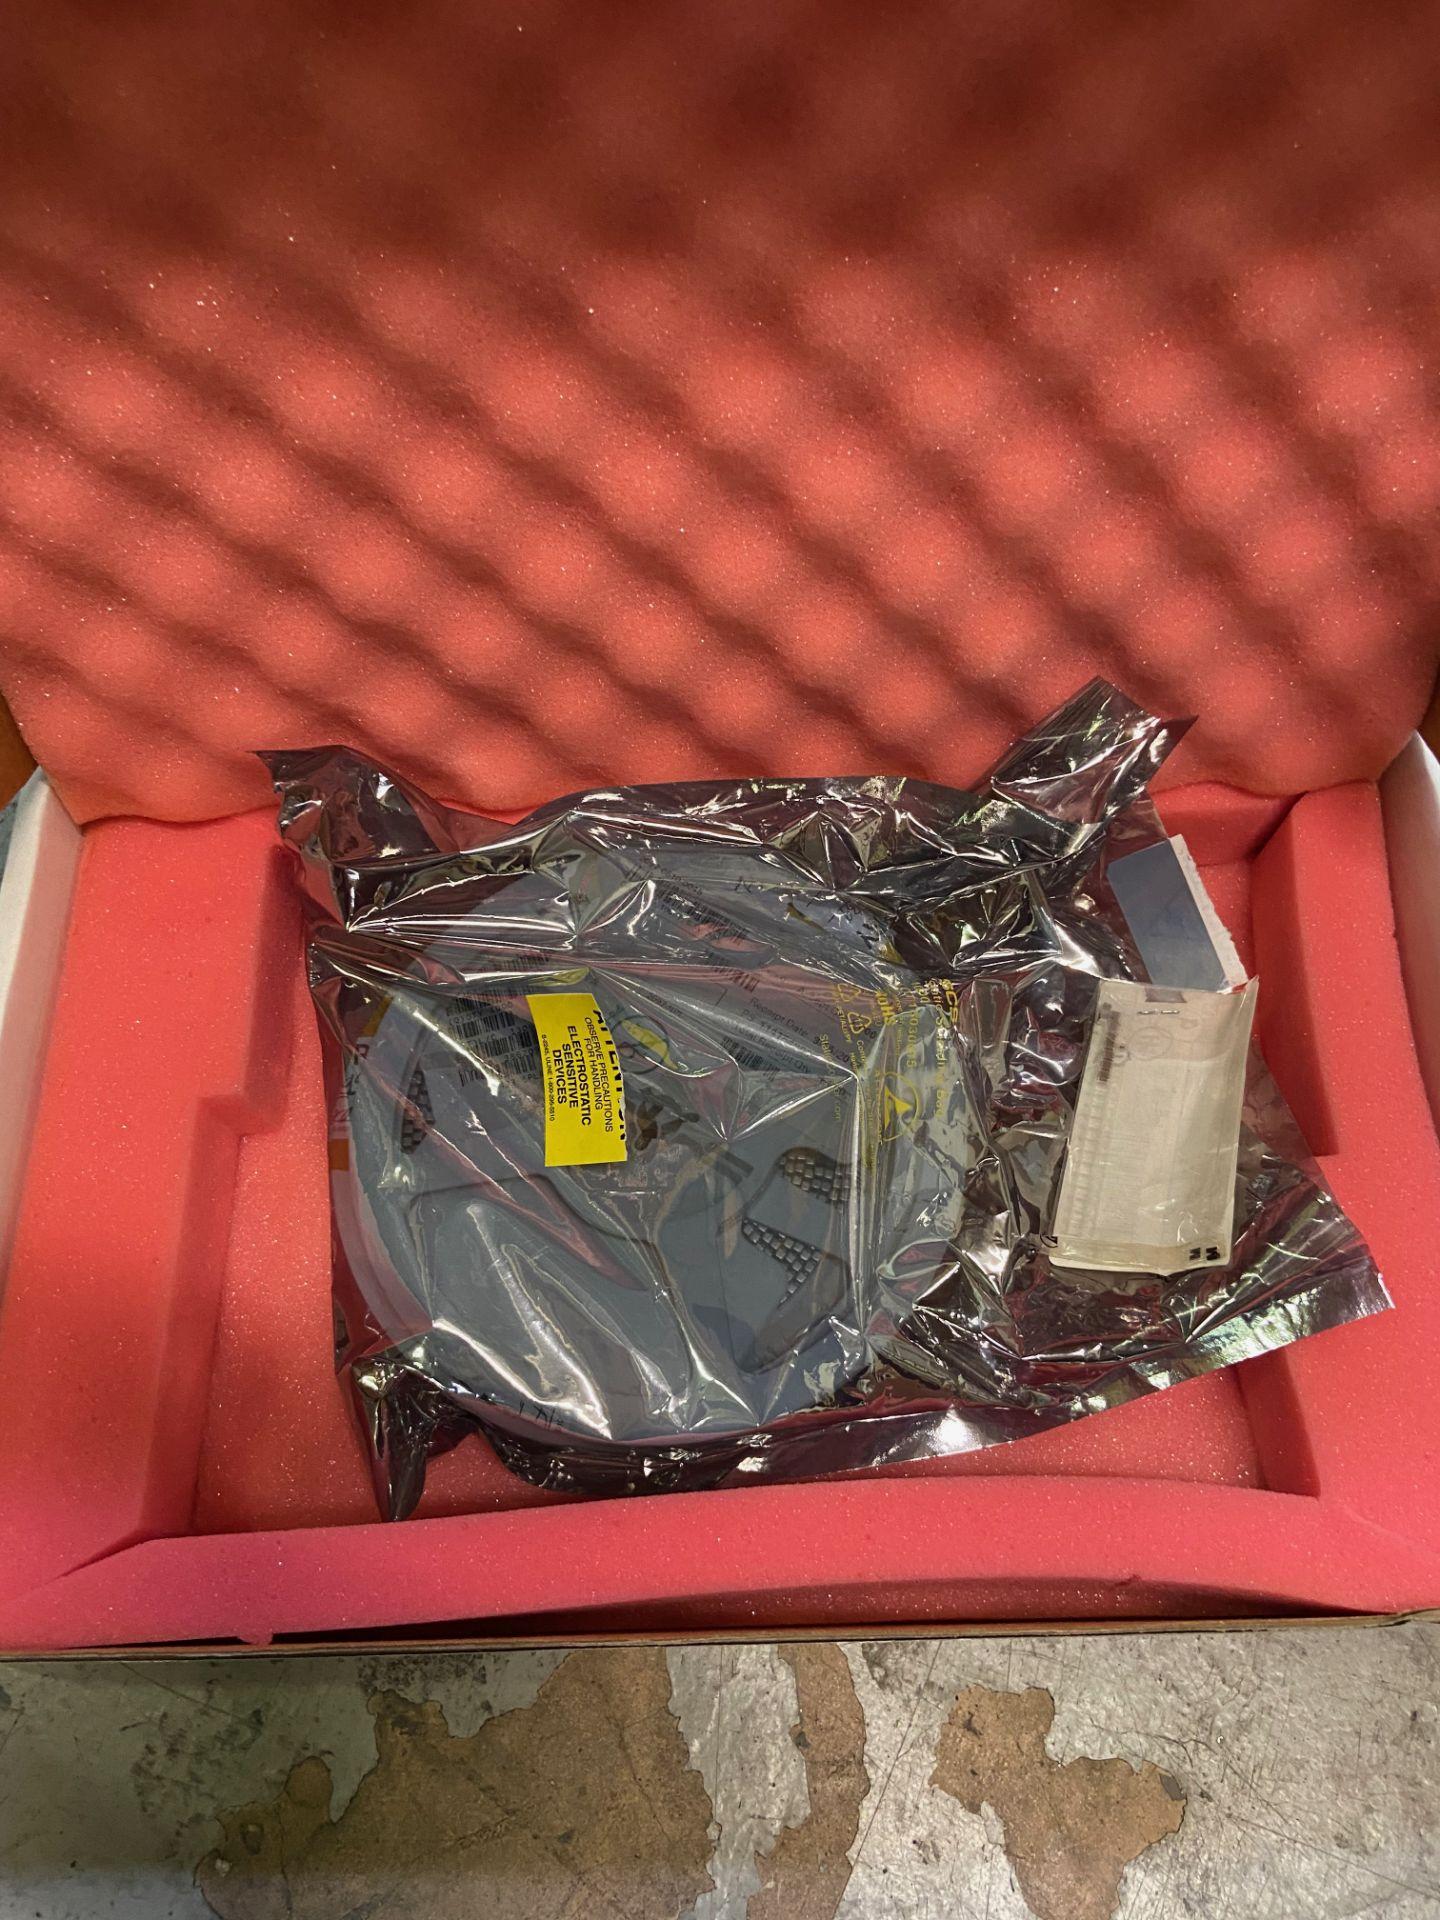 KEMET Corporation C1210C107M9PACTU Capacitor Ceramic Multilayer, Cap Ceramic 100uF 6.3V X5R 20% - Image 2 of 7